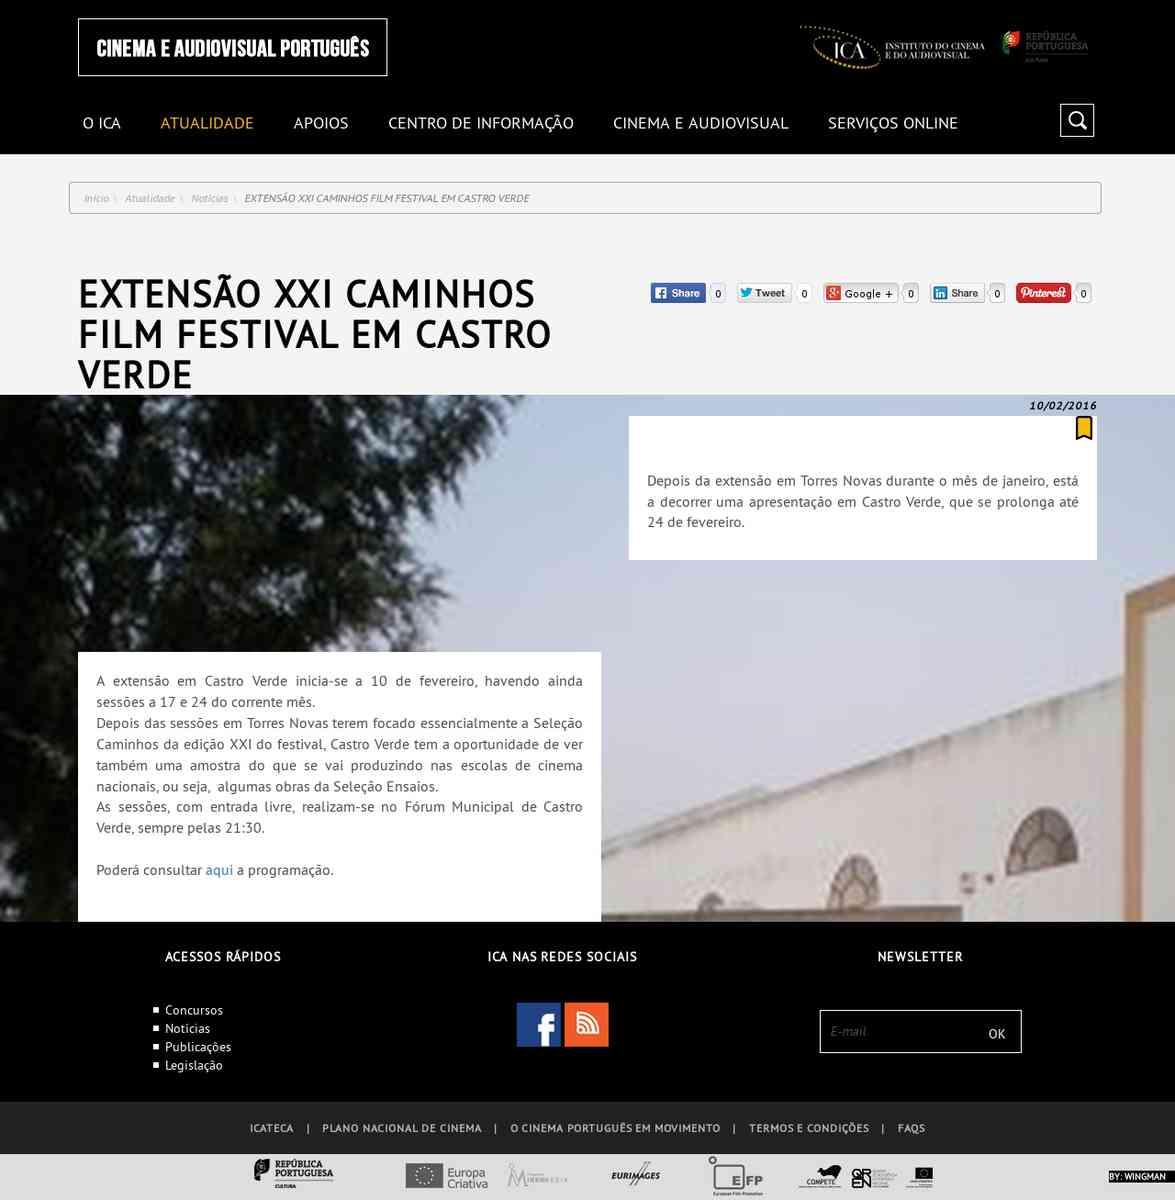 Extensão XXI Caminhos Film Festival em Castro Verde   Instituto do Cinema e do Audiovisual